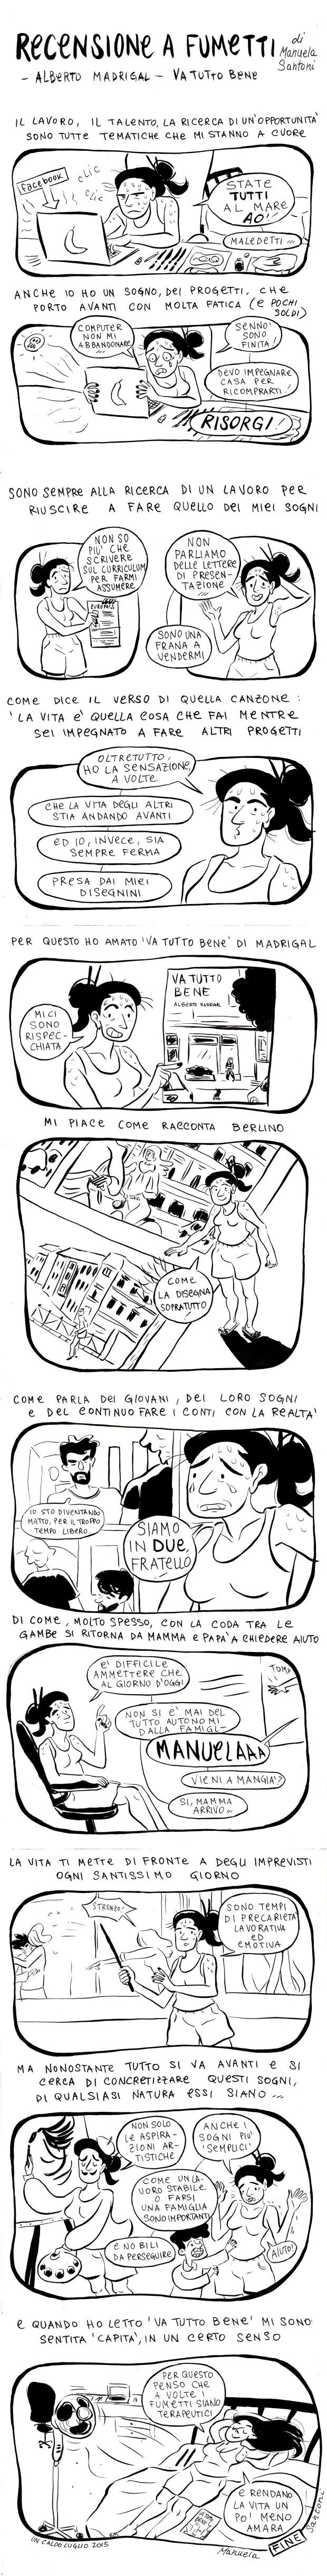 ManuelaSantoni-recensione madrigal 3